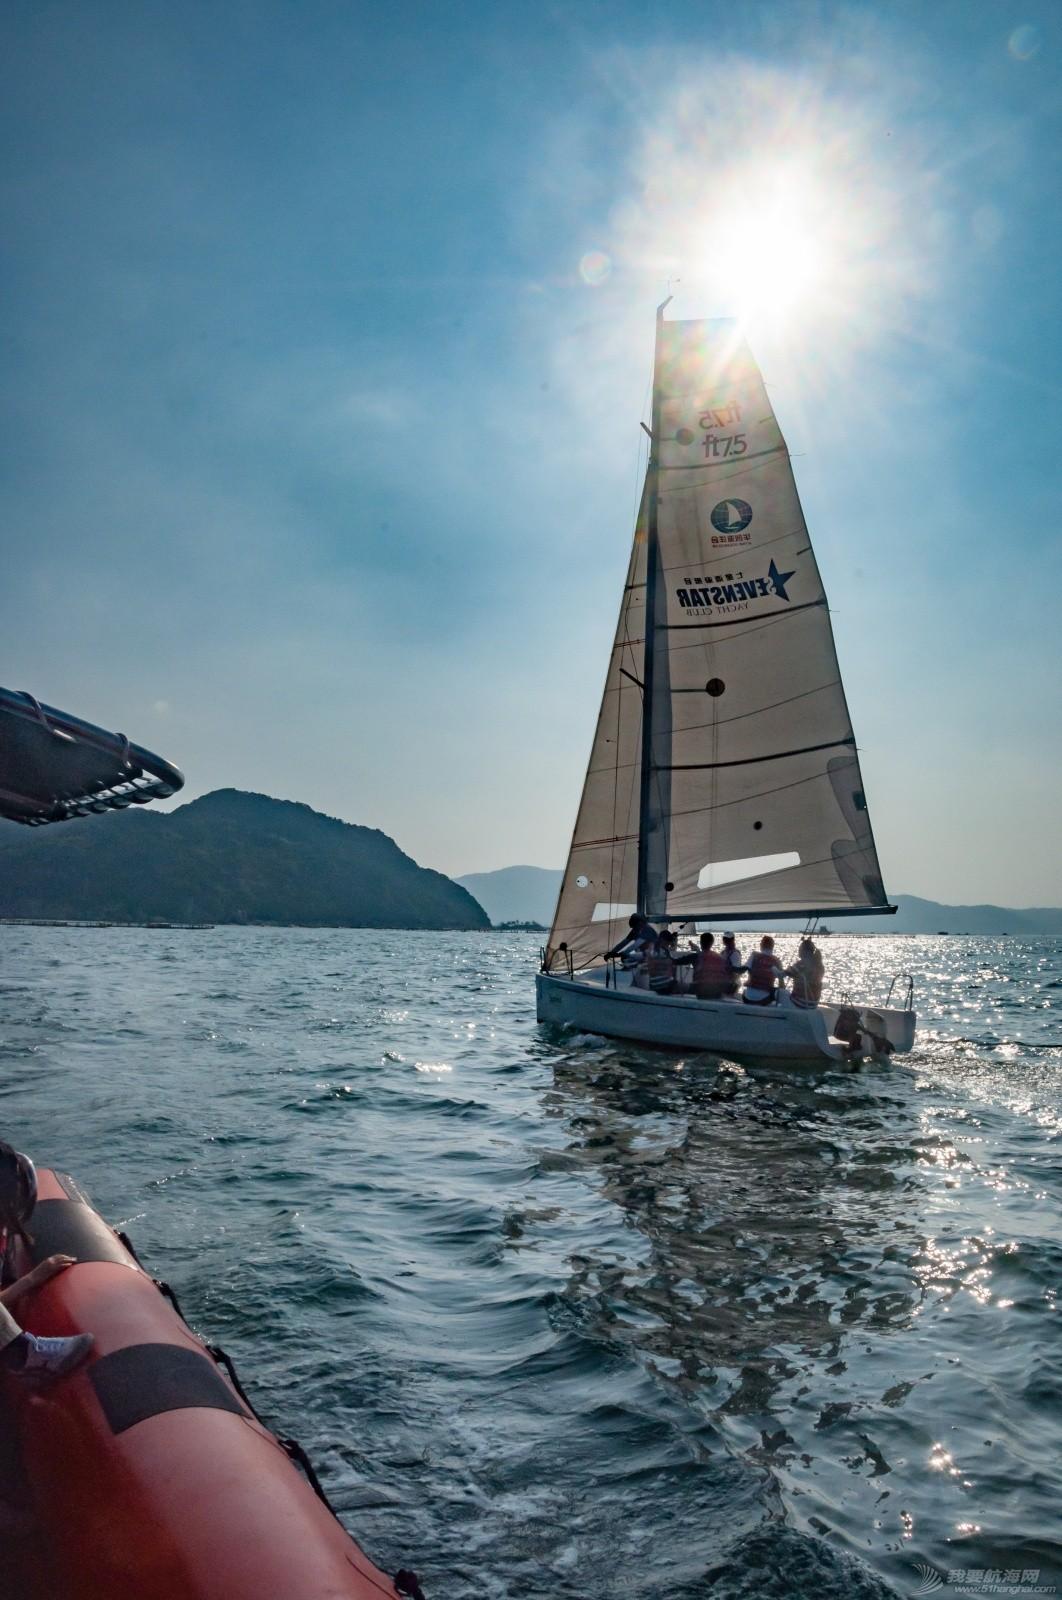 【2015大鹏杯帆船赛】51航海网船队在比赛中 s011.jpg